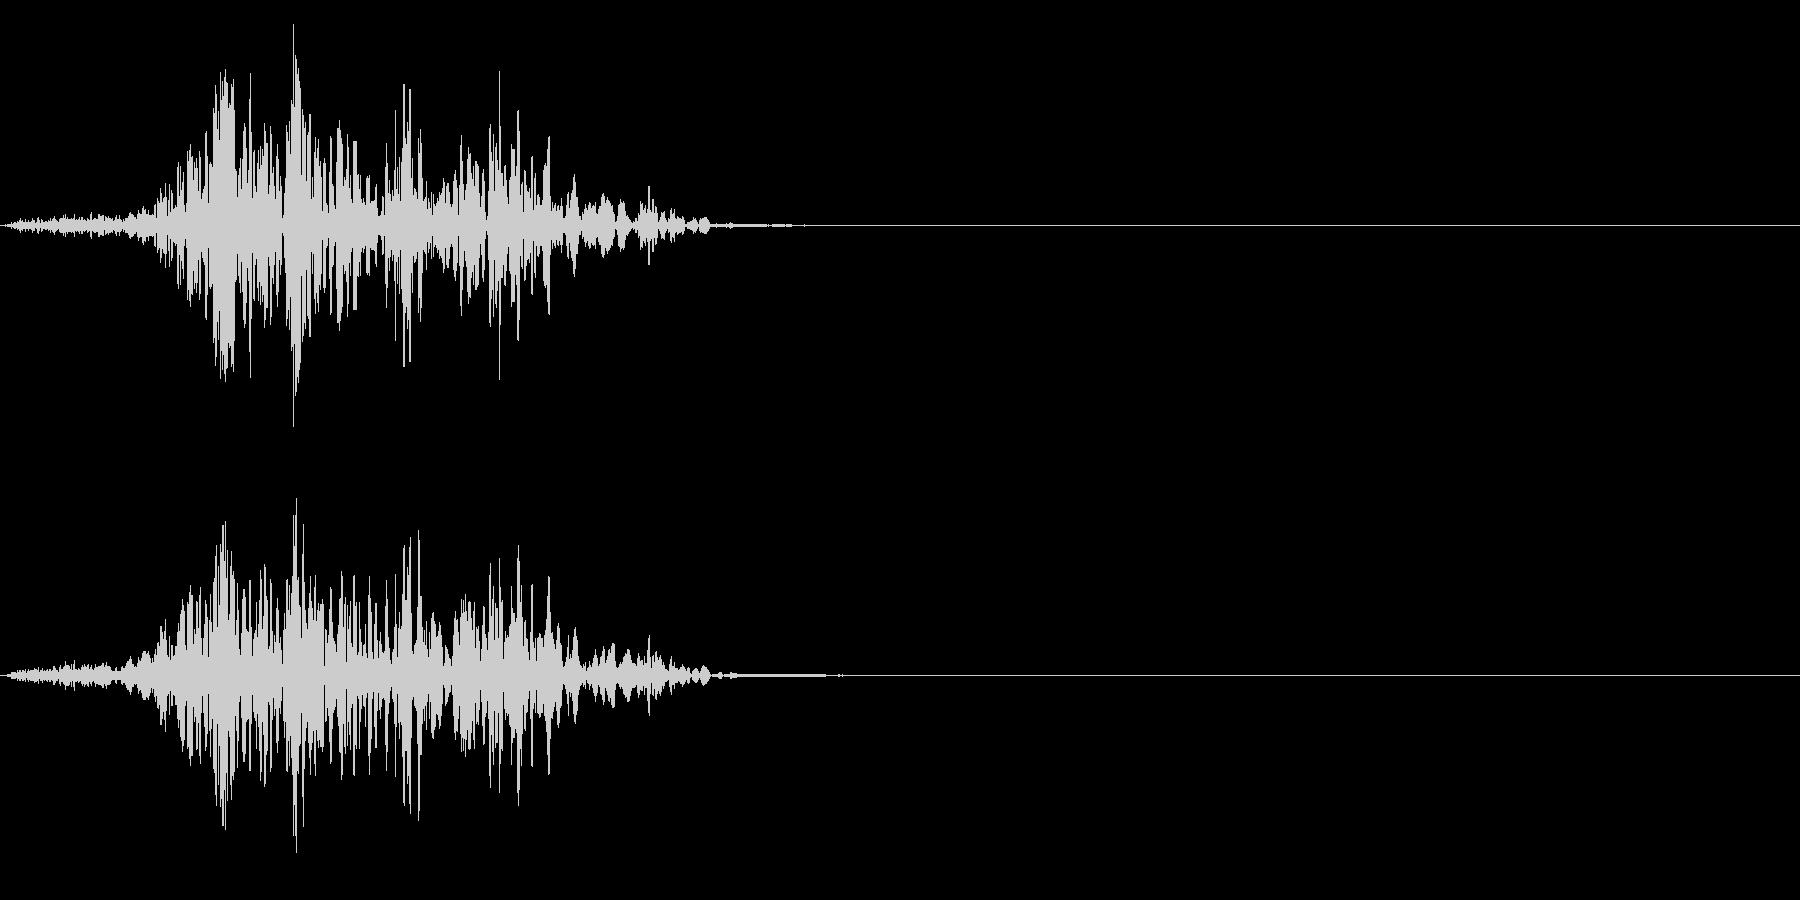 ゴボゴボ☆排水溝の音 その2の未再生の波形